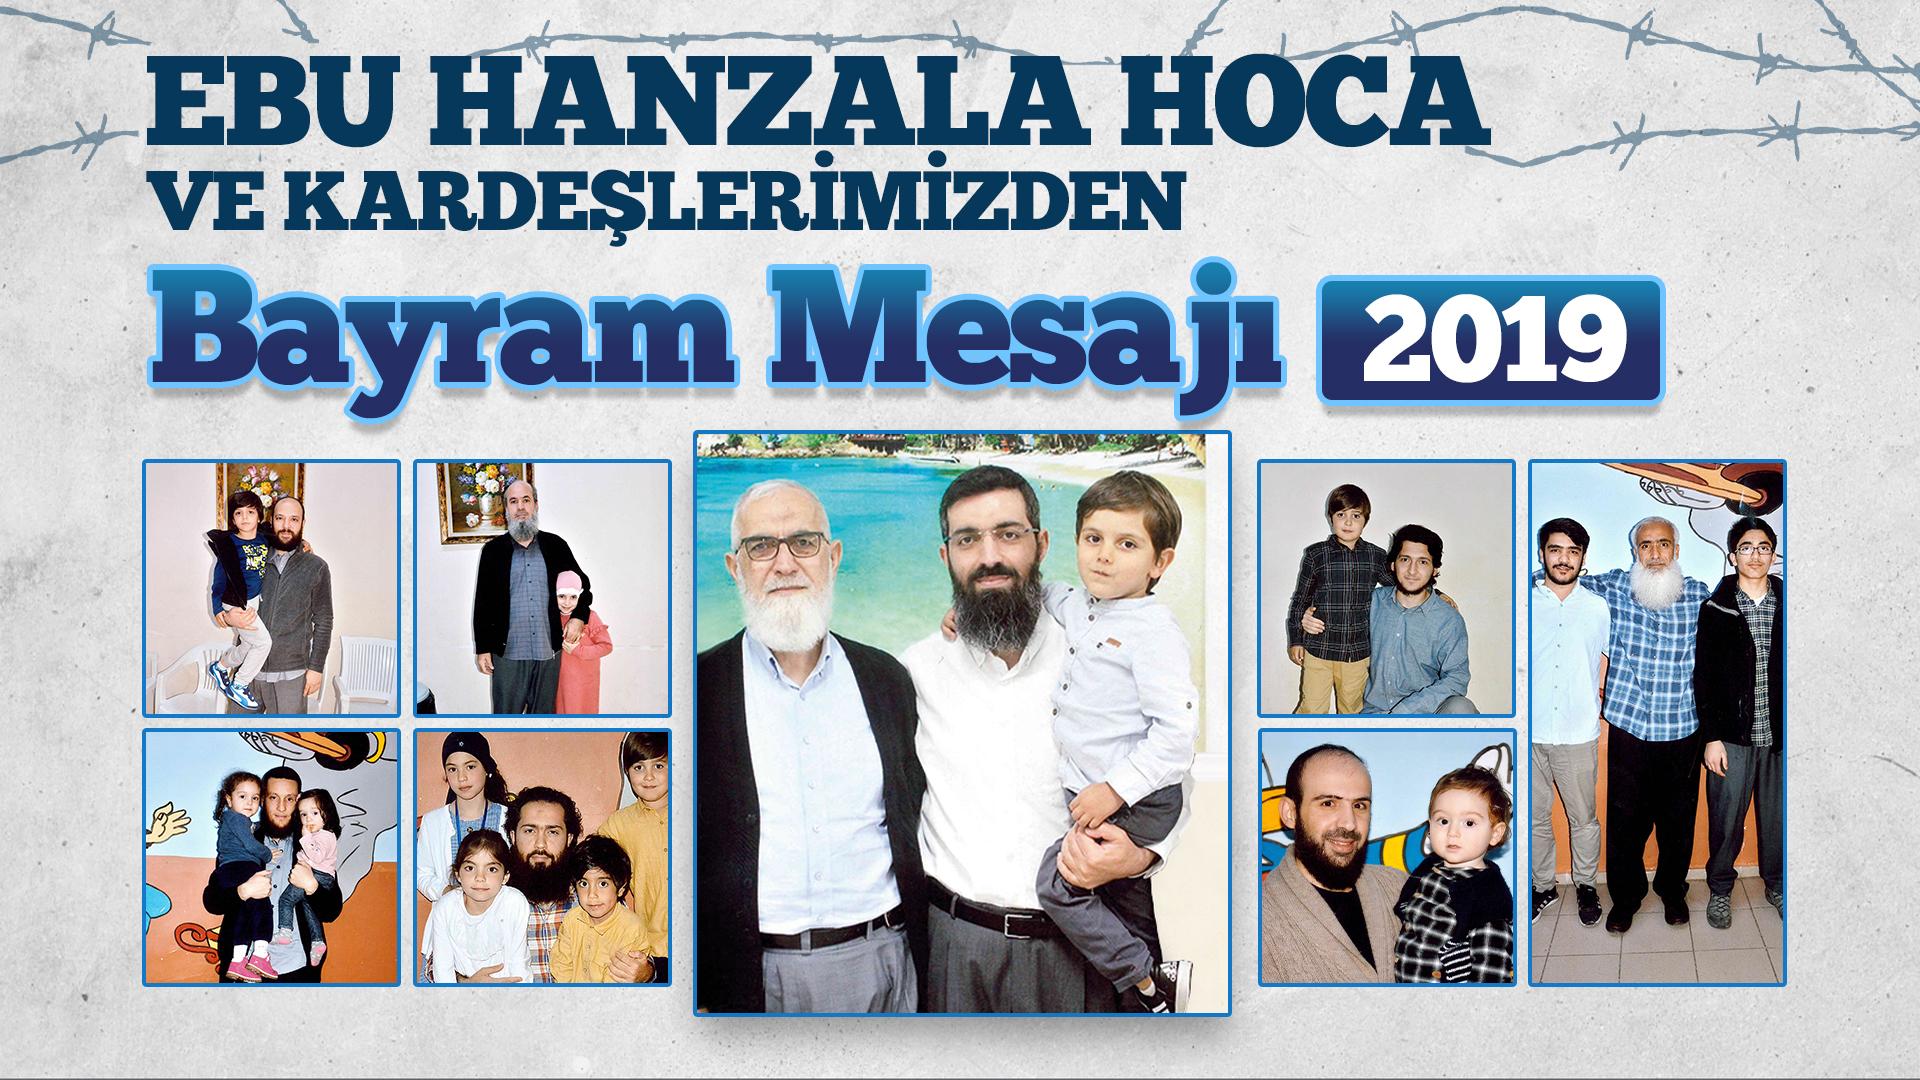 Ebu Hanzala Hoca ve Kardeşlerimizden Bayram Mesajı 2019